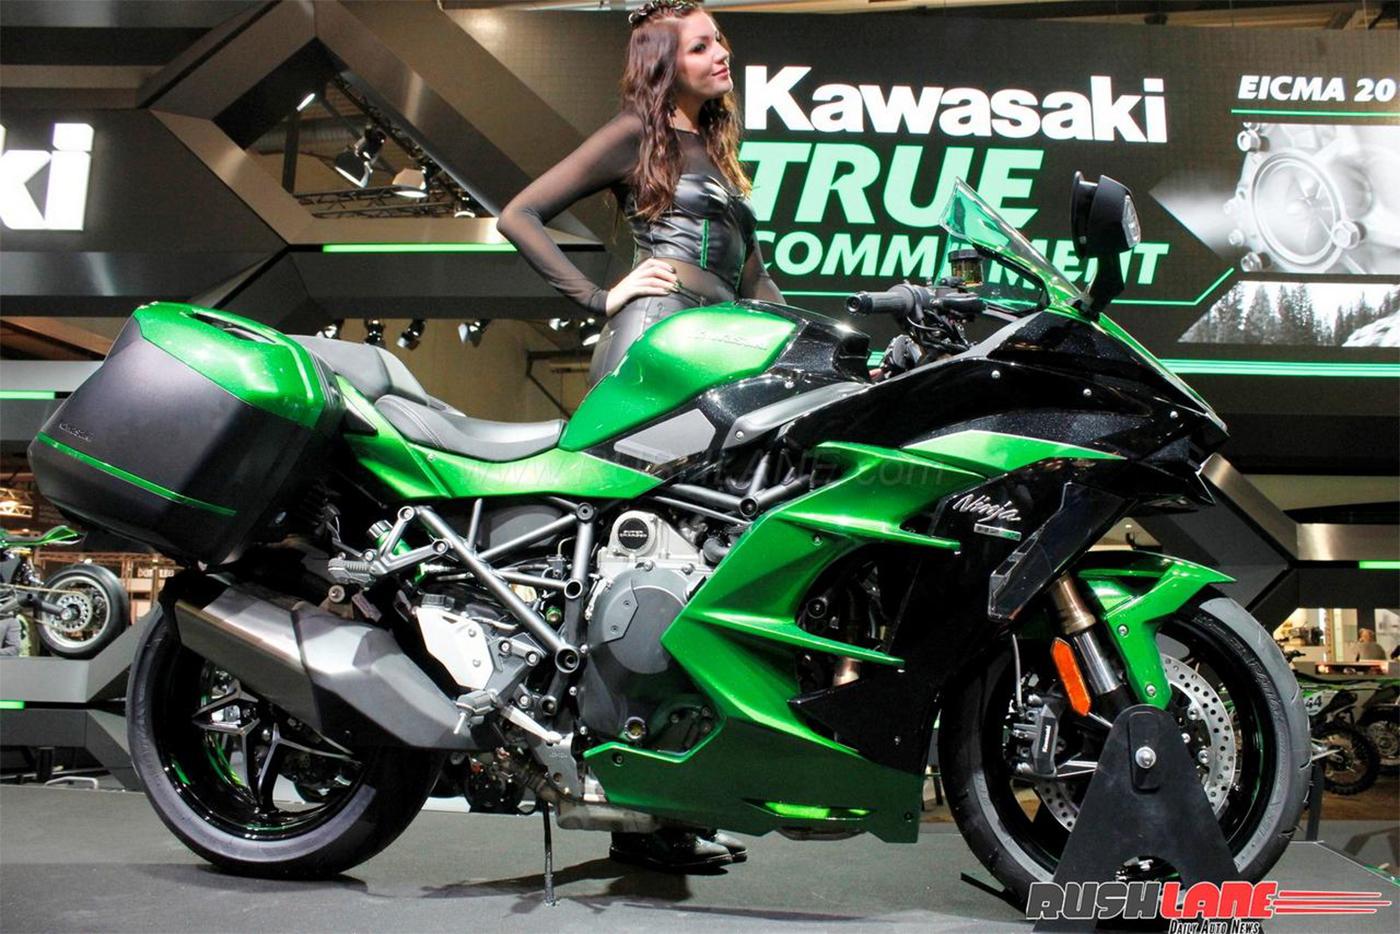 kawasaki-ninja-h2sx-3.jpg